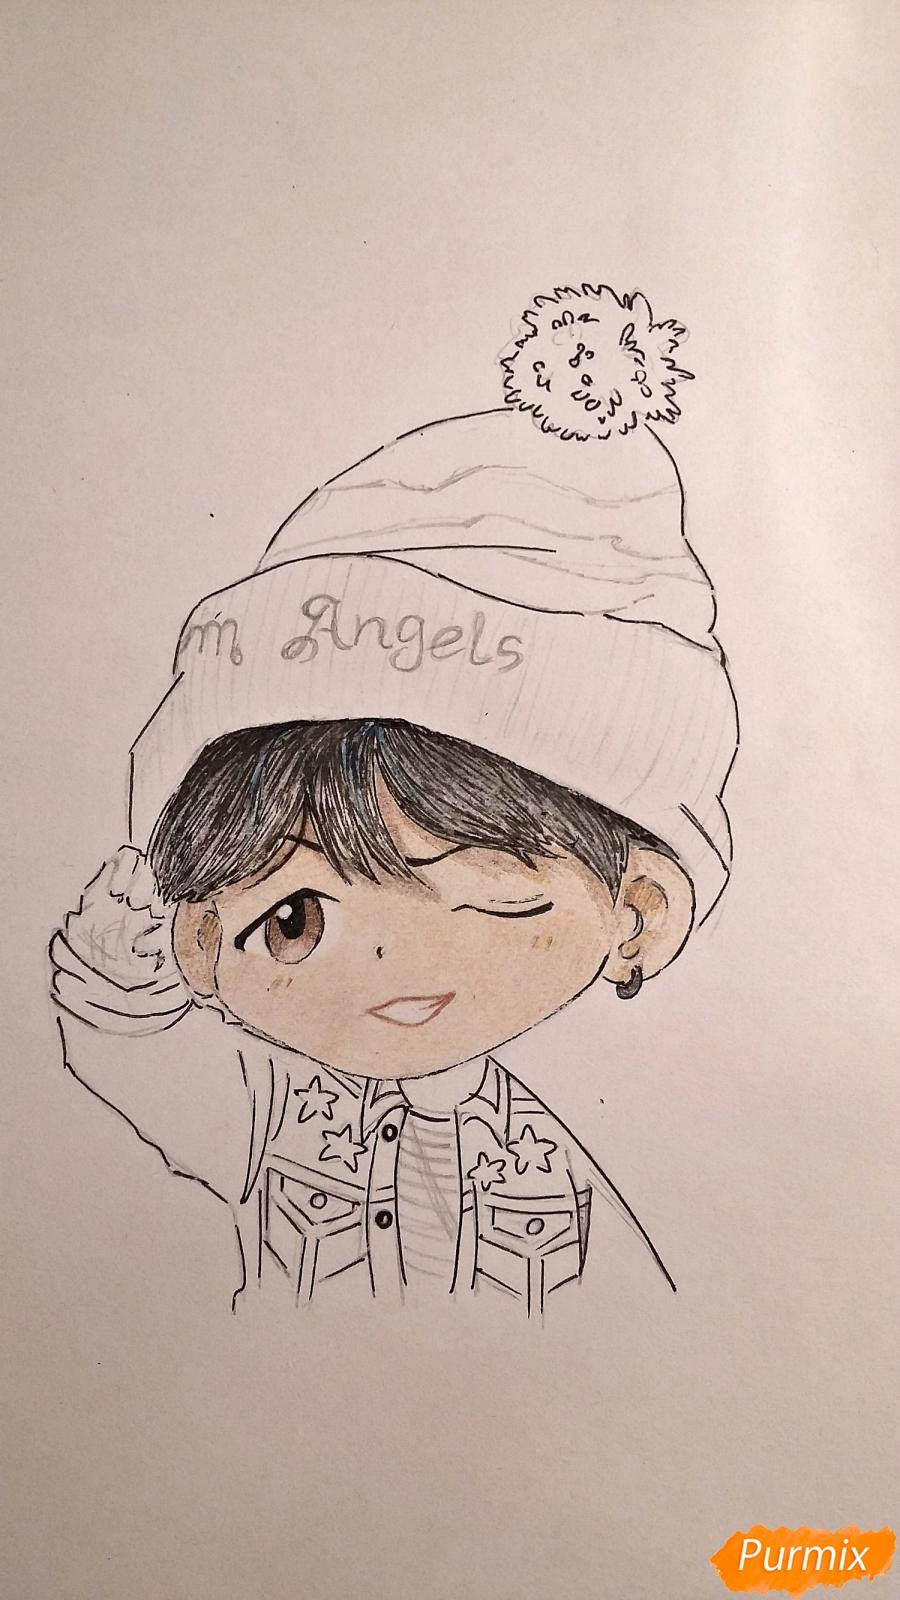 Рисуем чиби-мальчика в шапке цветными карандашами - шаг 13